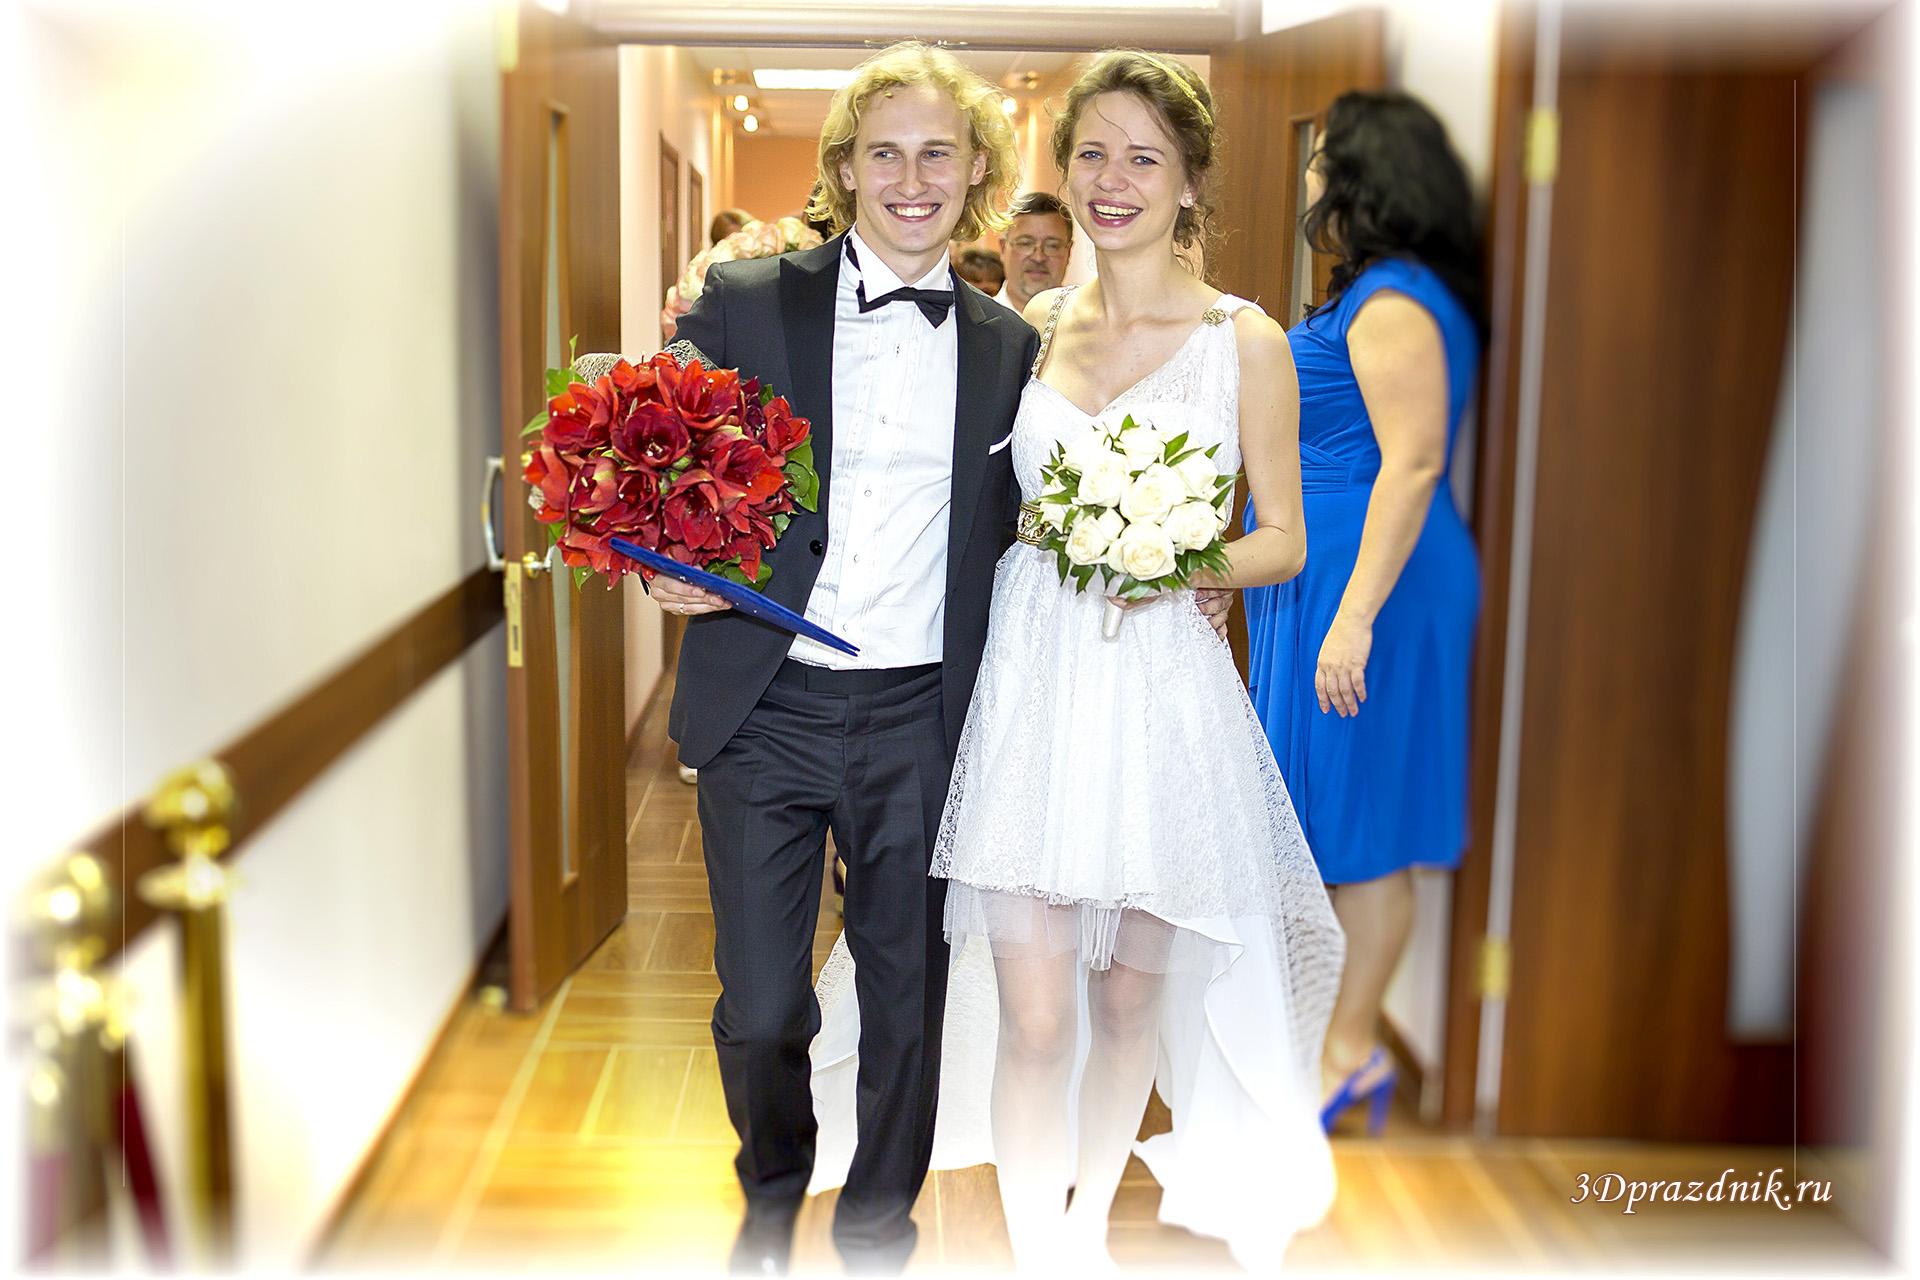 Александр и Виктория. ЗАГС